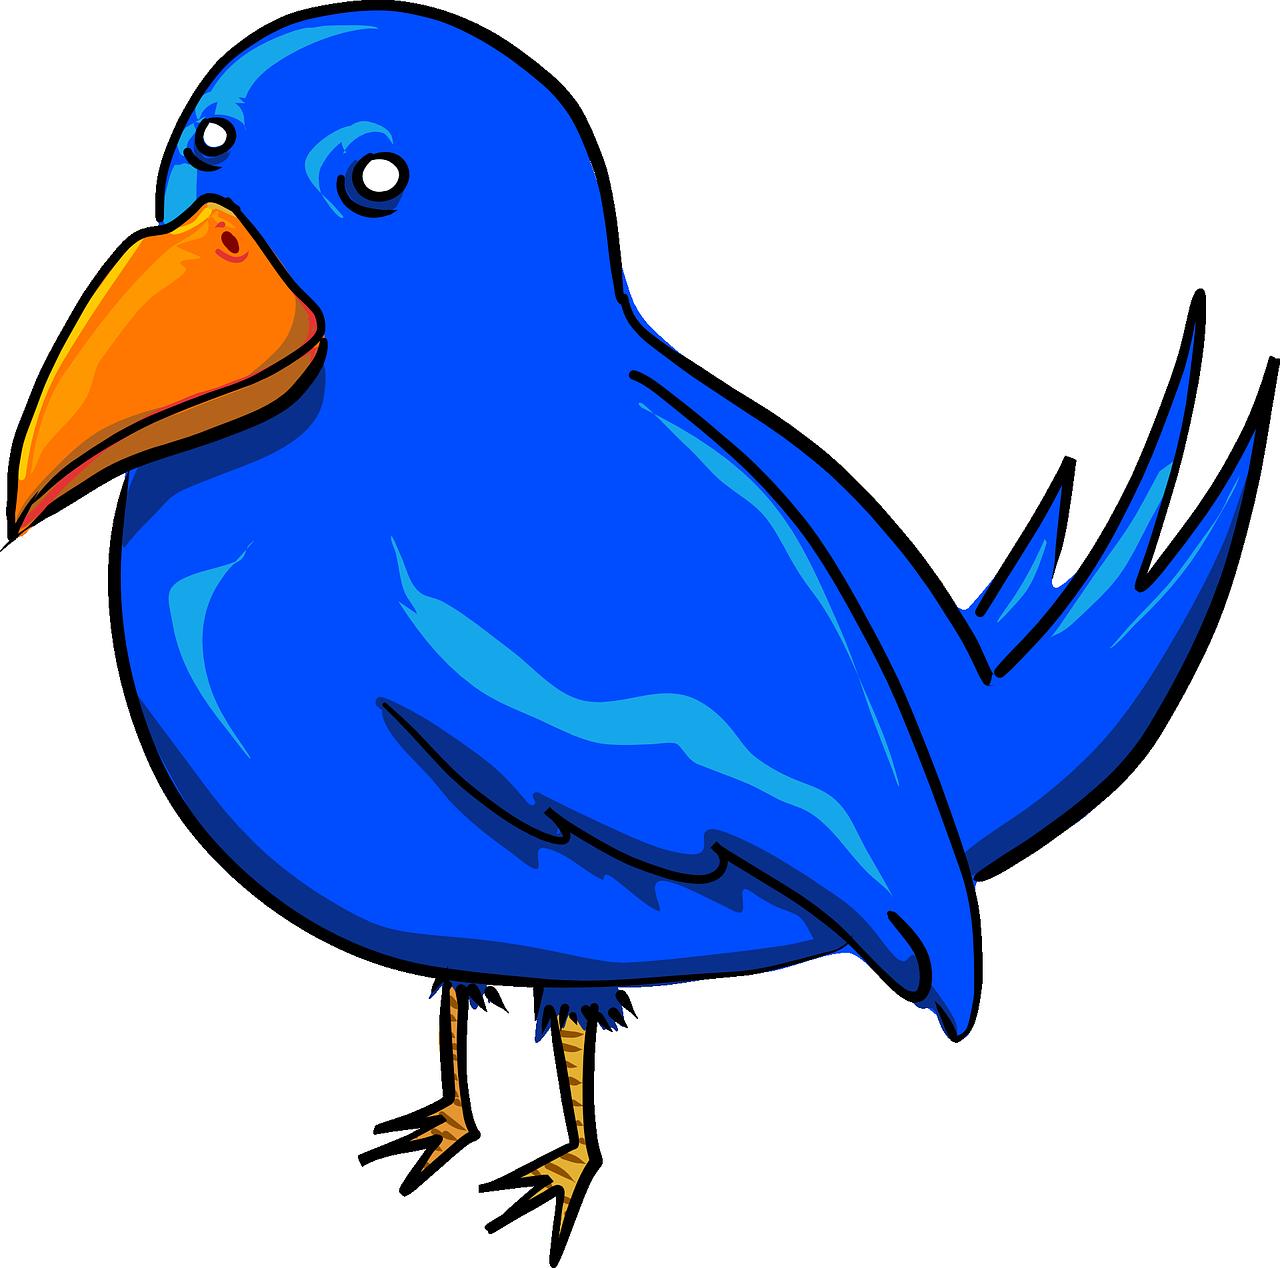 ツイッターより出会い系サイトが安全な理由